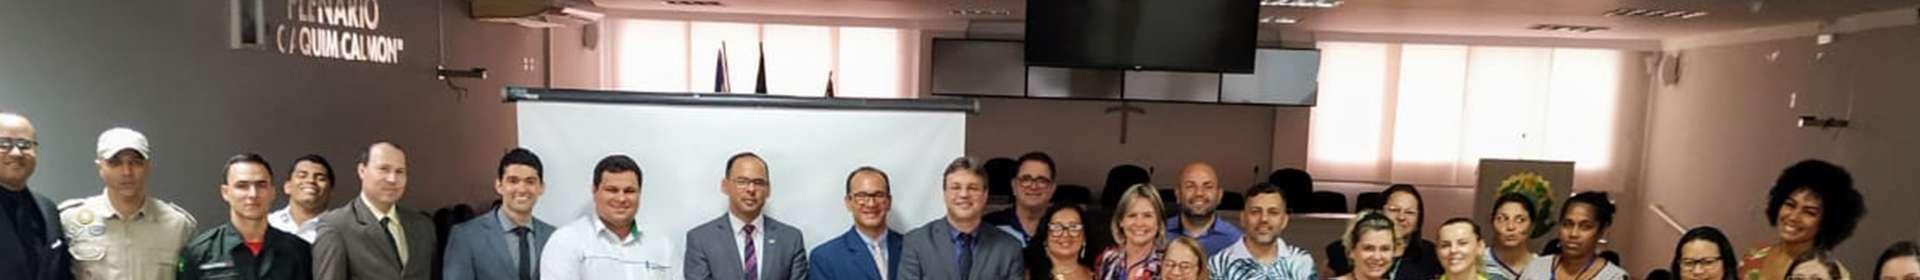 Igreja Cristã Maranata de Linhares (ES) cultua a Deus junto a autoridades do município